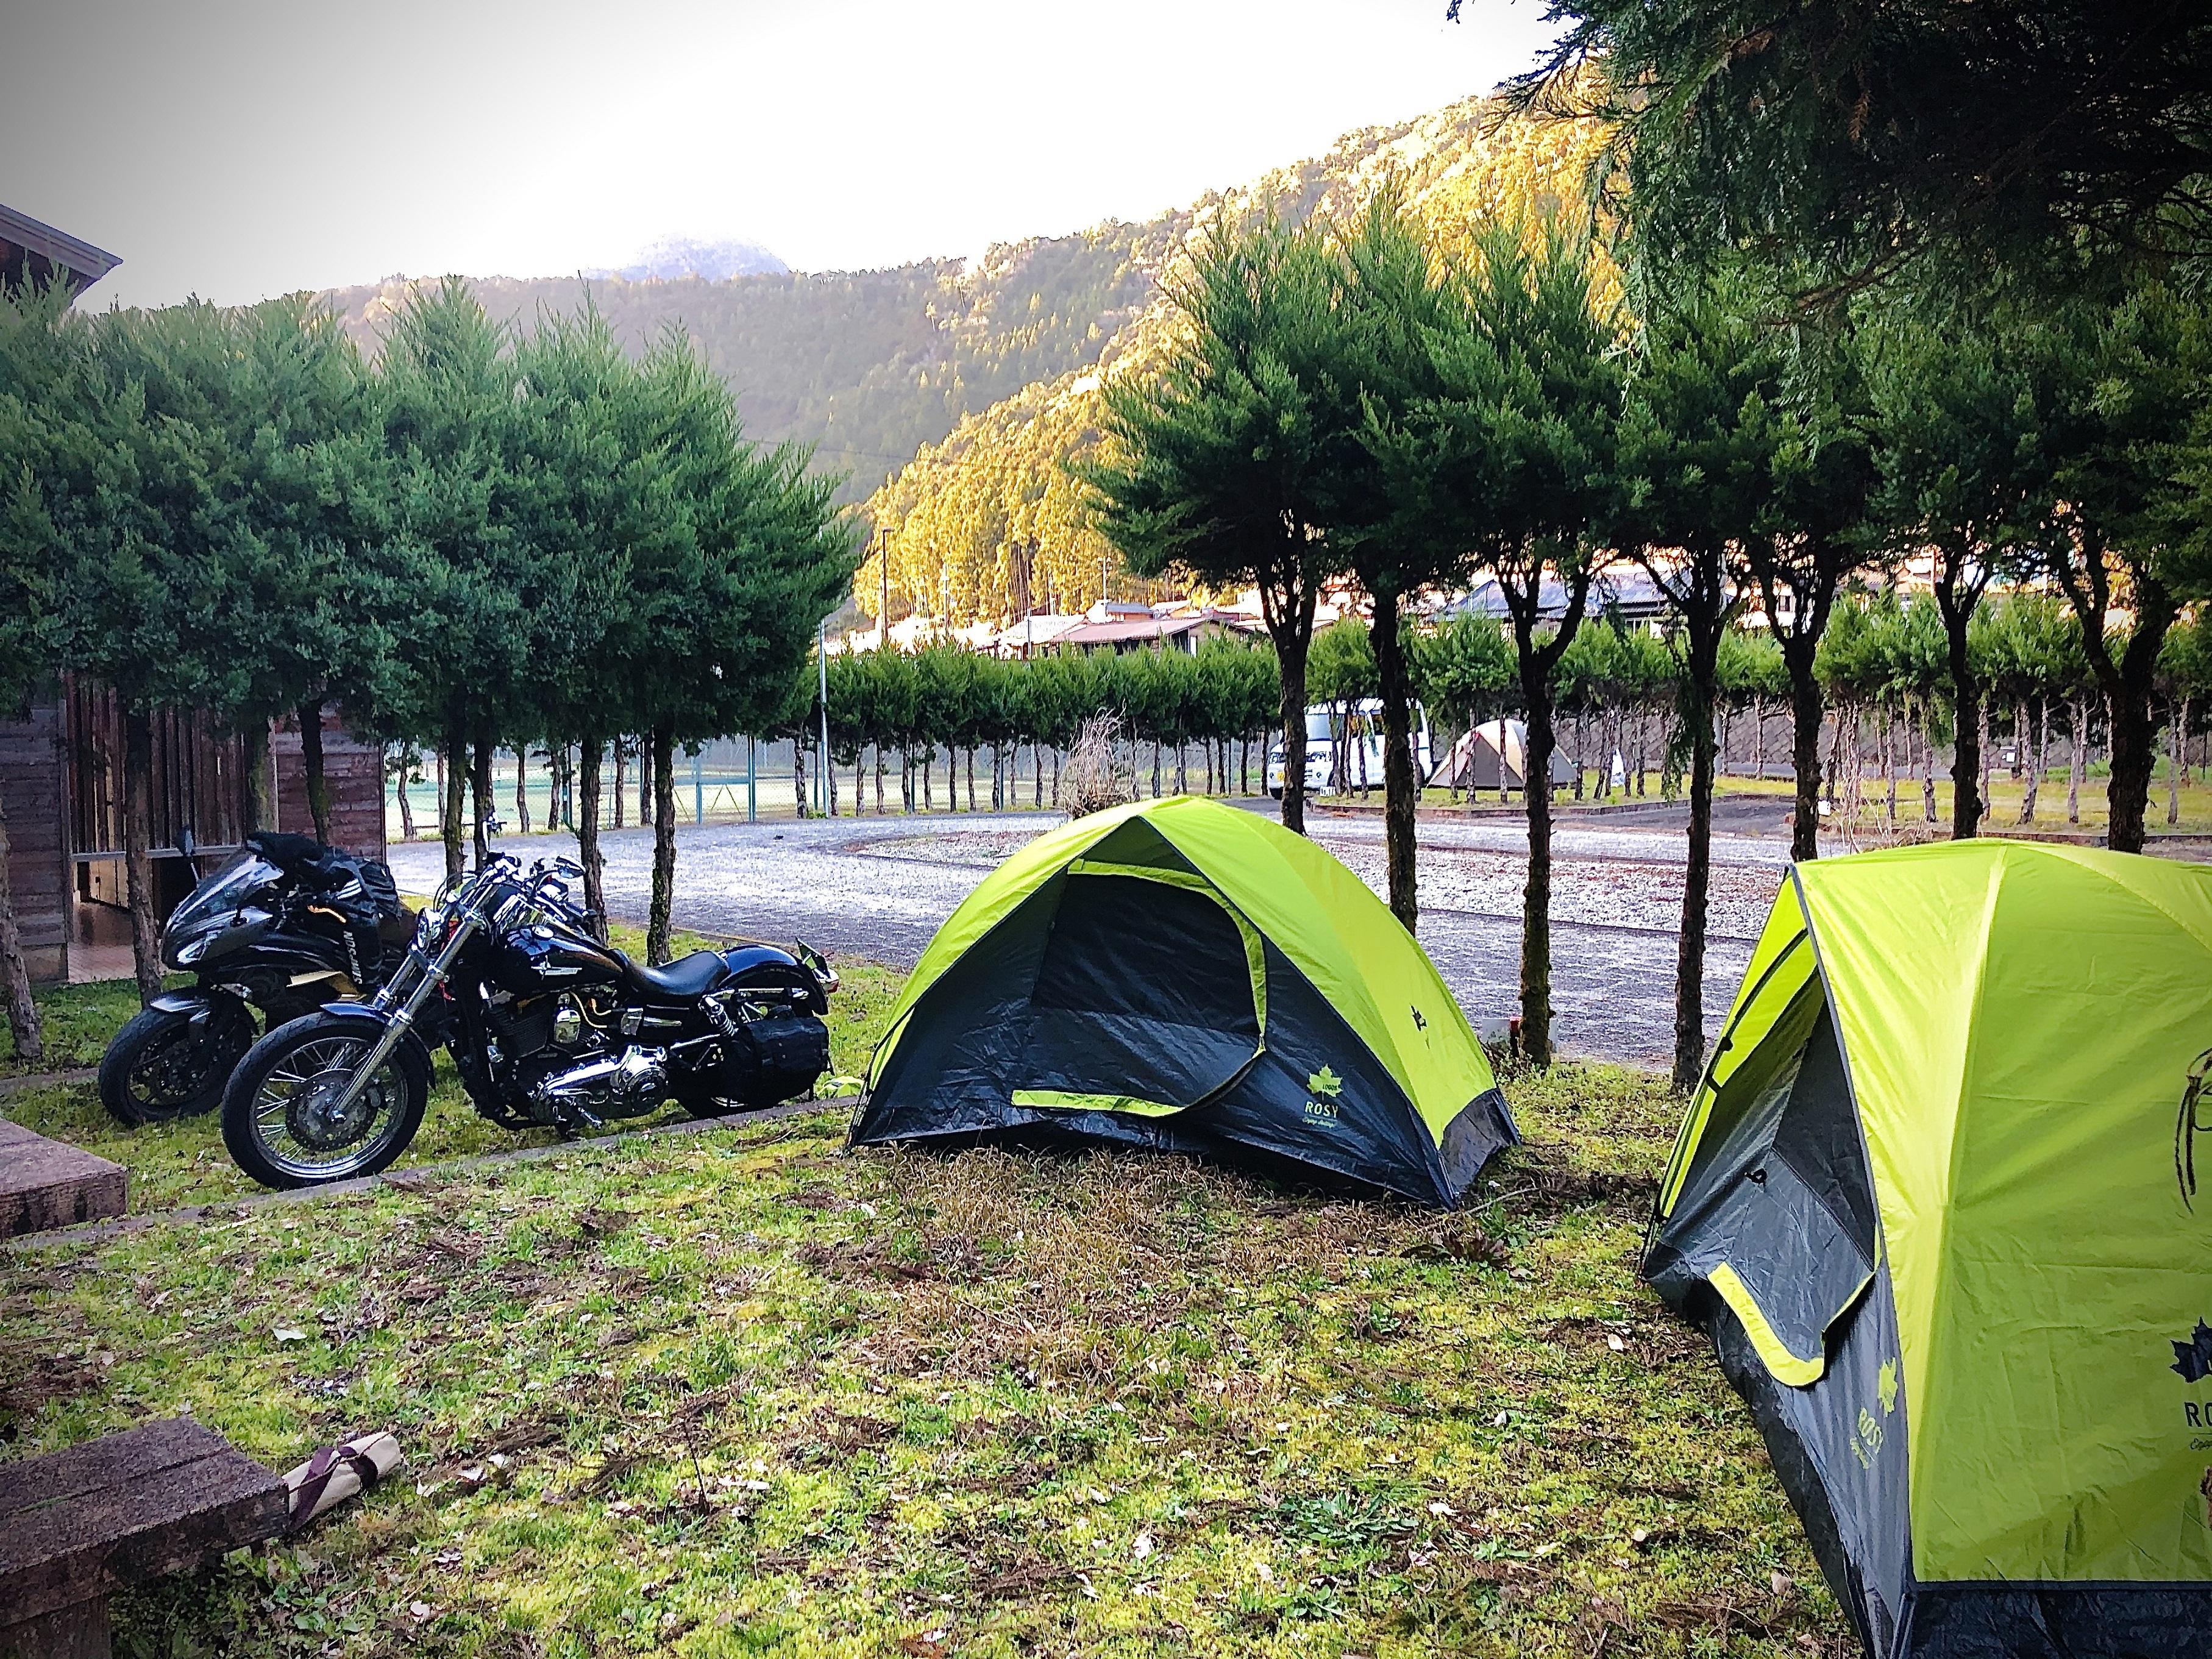 ぴーきち&ダイナ 紀伊半島ツーリング 和歌山県 おくとろ公園キャンプ場